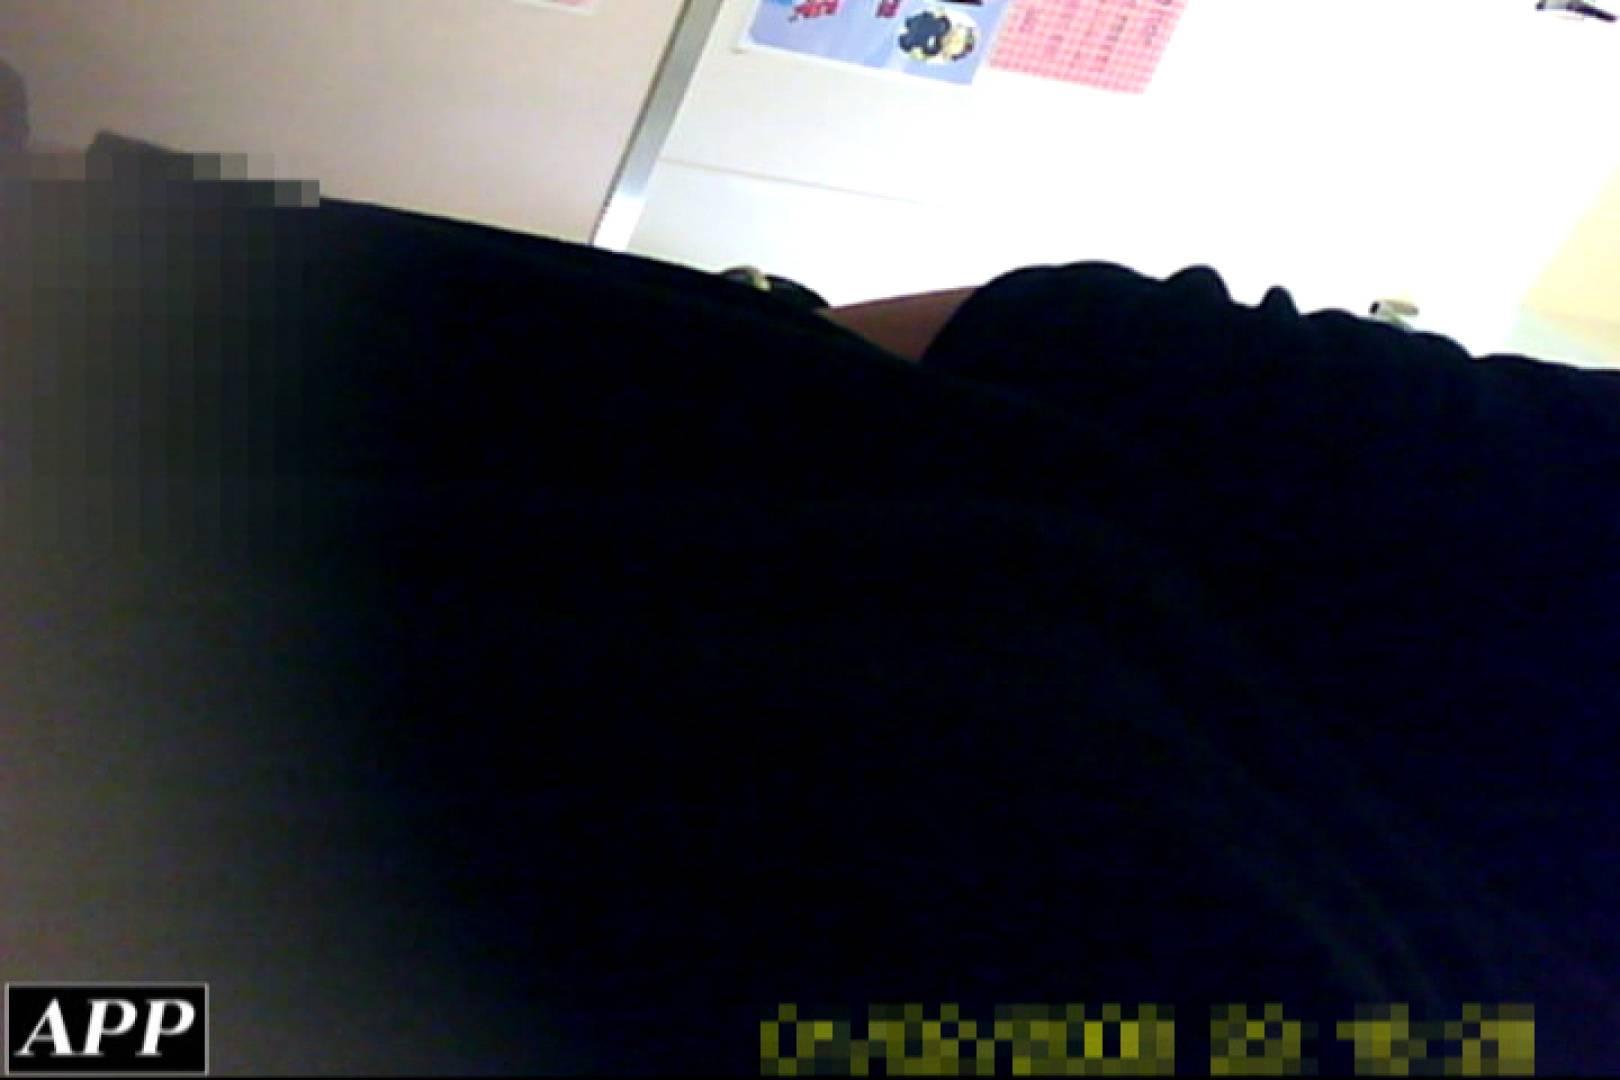 3視点洗面所 vol.105 お姉さん達のオマンコ ぱこり動画紹介 99連発 94